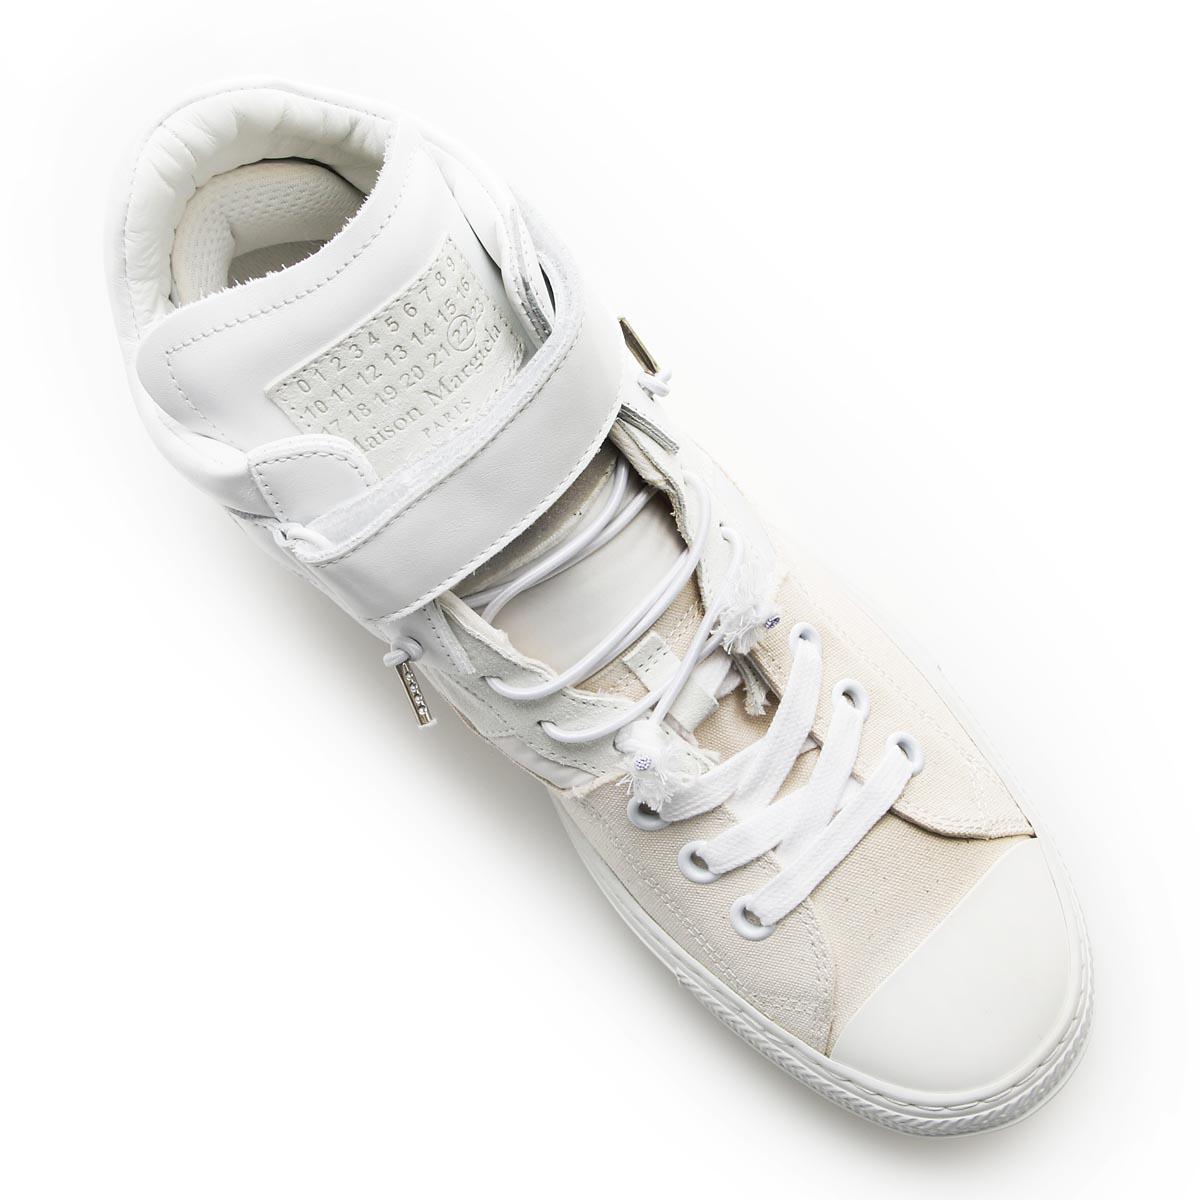 Maison Margiela メゾンマルジェラ スニーカー/22 女性と男性のための靴のコレクション EVOLUTION【大きいサイズあり】 メンズ